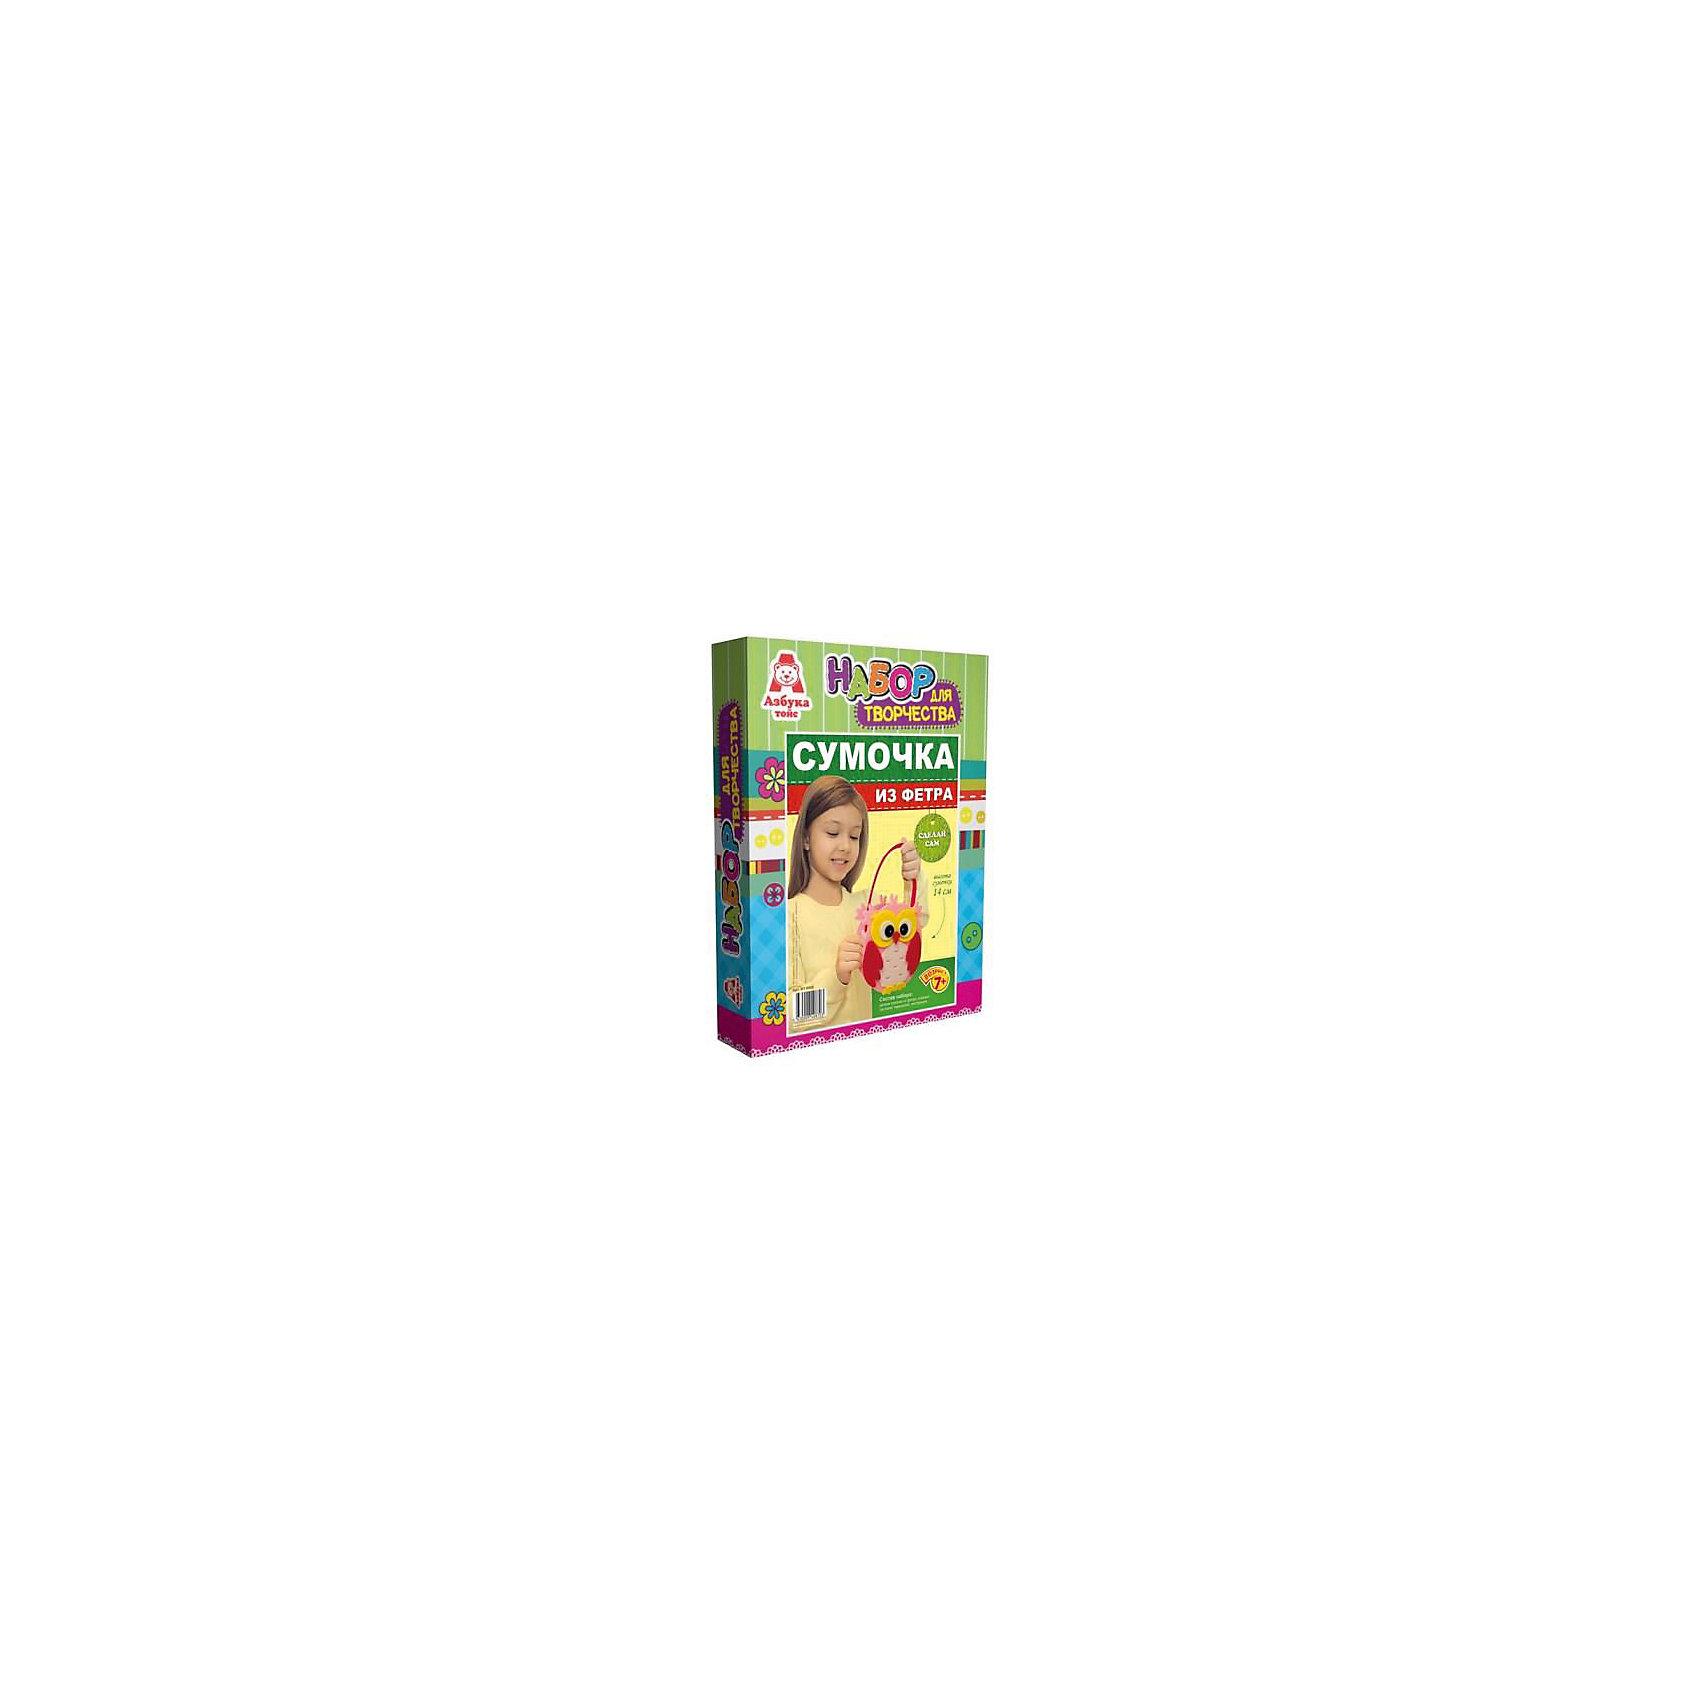 Сумочка из фетра Сова с красными крыльямиРукоделие<br>Сумочка из фетра Сова с красными крыльями, Азбука Тойс.<br><br>Характеристики:<br><br>• готовая сумочка прекрасно сохраняет форму<br>• легко изготовить<br>• яркие материалы<br>• высота сумочки: 14 см<br>• в комплекте: детали из фетра, термоклей, клеевой пистолет<br>• размер упаковки: 28х5х21 см<br>• вес: 178 грамм<br><br>Что может быть увлекательнее создания собственной сумочки? Набор для создания сумочки из фетра от торговой марки Азбука Тойс поможет девочке создать уникальный аксессуар своими руками. Для создания сумочки необходимо соединить все детали с помощью термоклея и клеевого пистолета. Готовая сумочка держит форму, благодаря чему, ее можно использовать для различных безделушек и аксессуаров. Яркий дизайн в виде совы придется по вкусу каждой моднице!<br><br>Сумочку из фетра Сова с красными крыльями, Азбука Тойс вы можете купить в нашем интернет-магазине.<br><br>Ширина мм: 210<br>Глубина мм: 50<br>Высота мм: 280<br>Вес г: 178<br>Возраст от месяцев: 84<br>Возраст до месяцев: 144<br>Пол: Женский<br>Возраст: Детский<br>SKU: 5062981